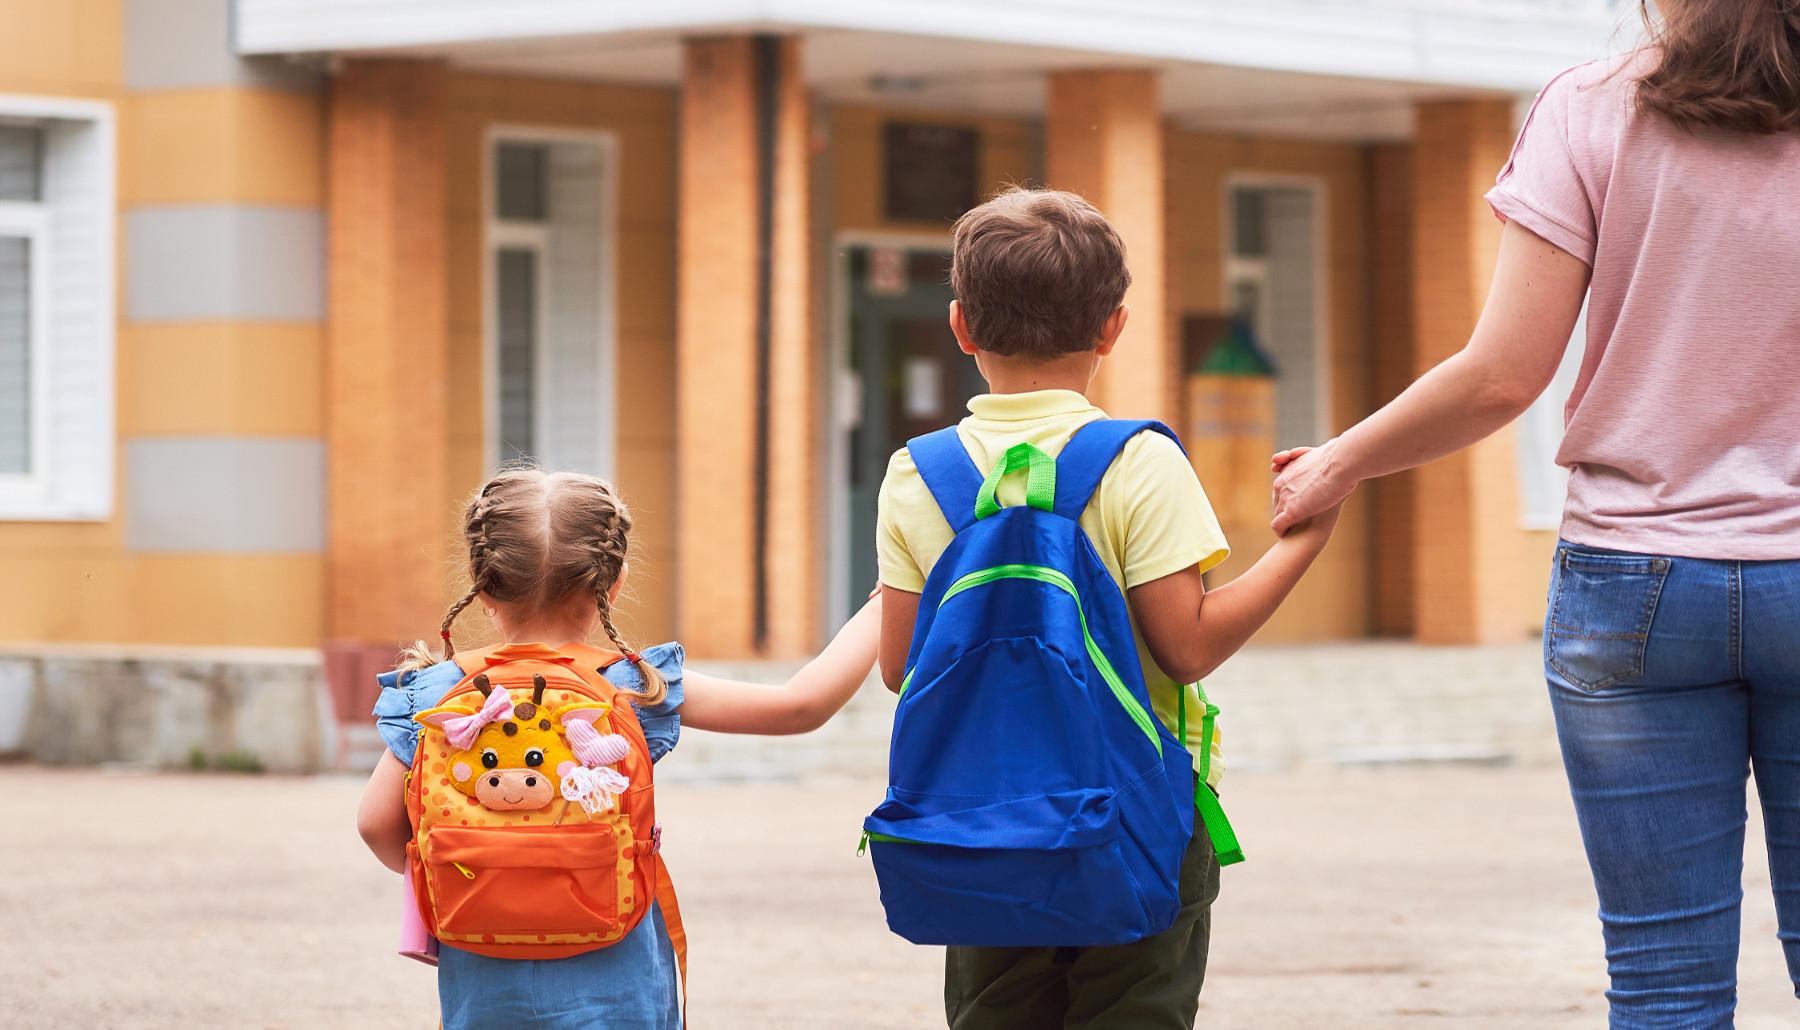 עשר טעויות שהורים עושים ביום הראשון ללימודים